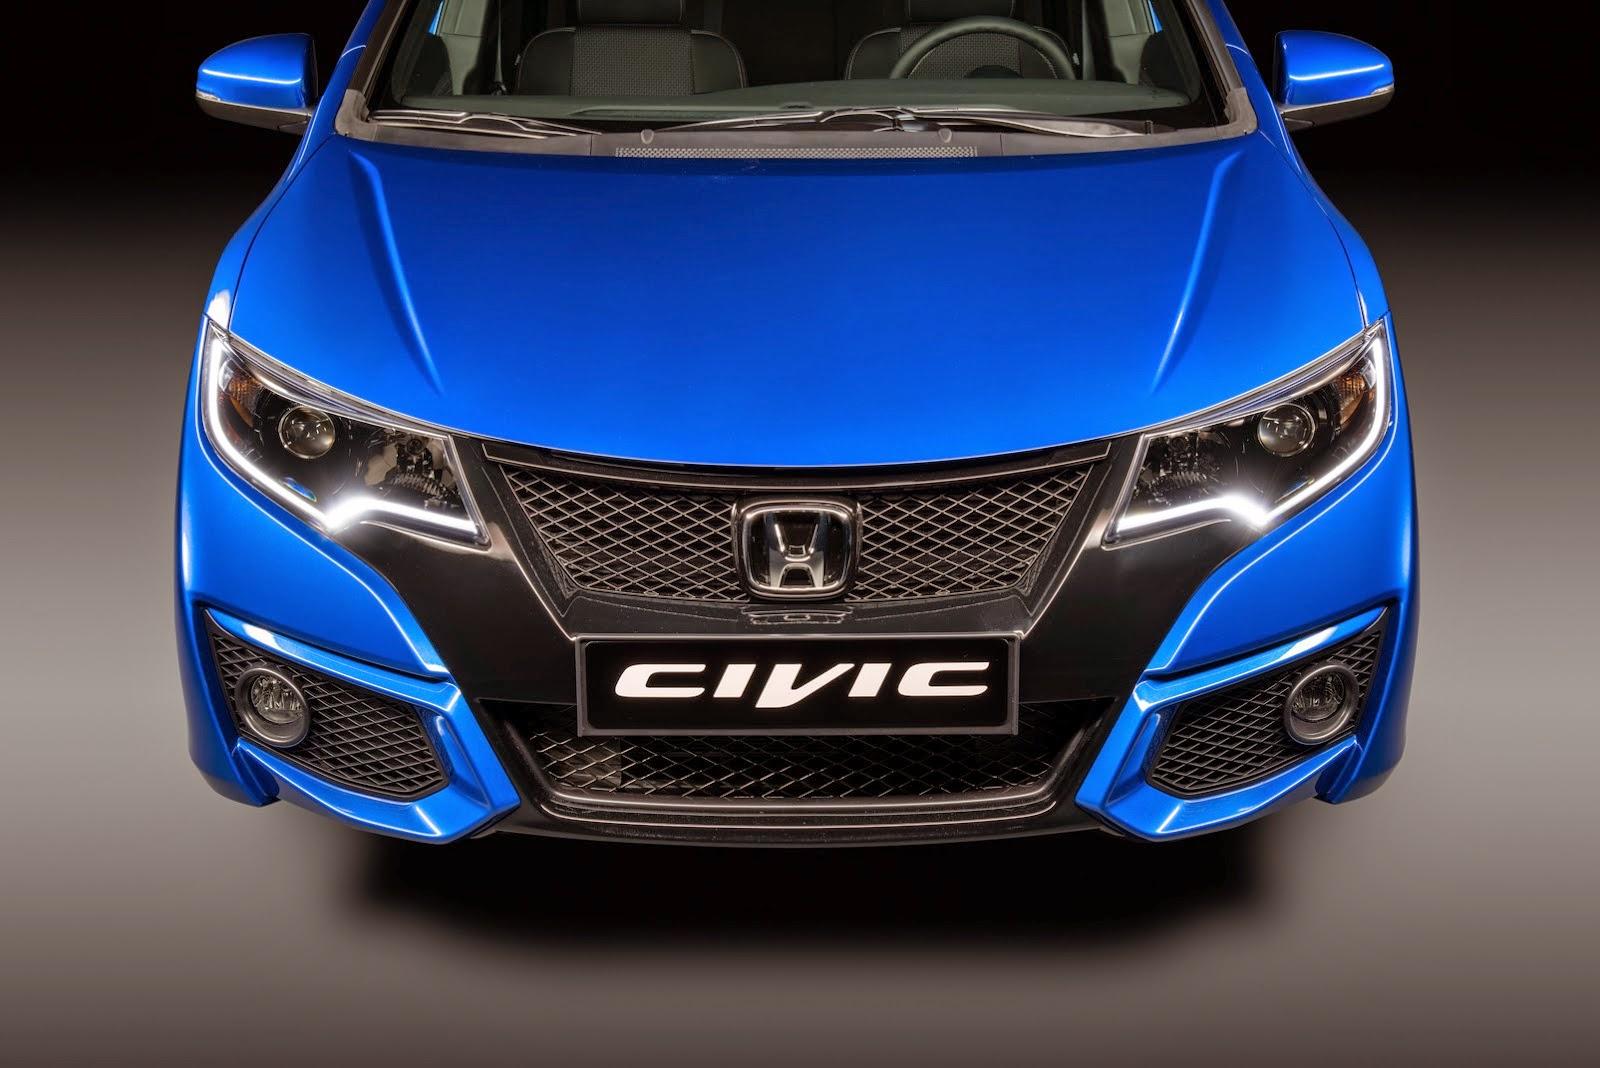 2015 Hoinda Civic -  - So sánh Toyota Camry 2015 và Honda Civic - Sự so sánh khập khiễng